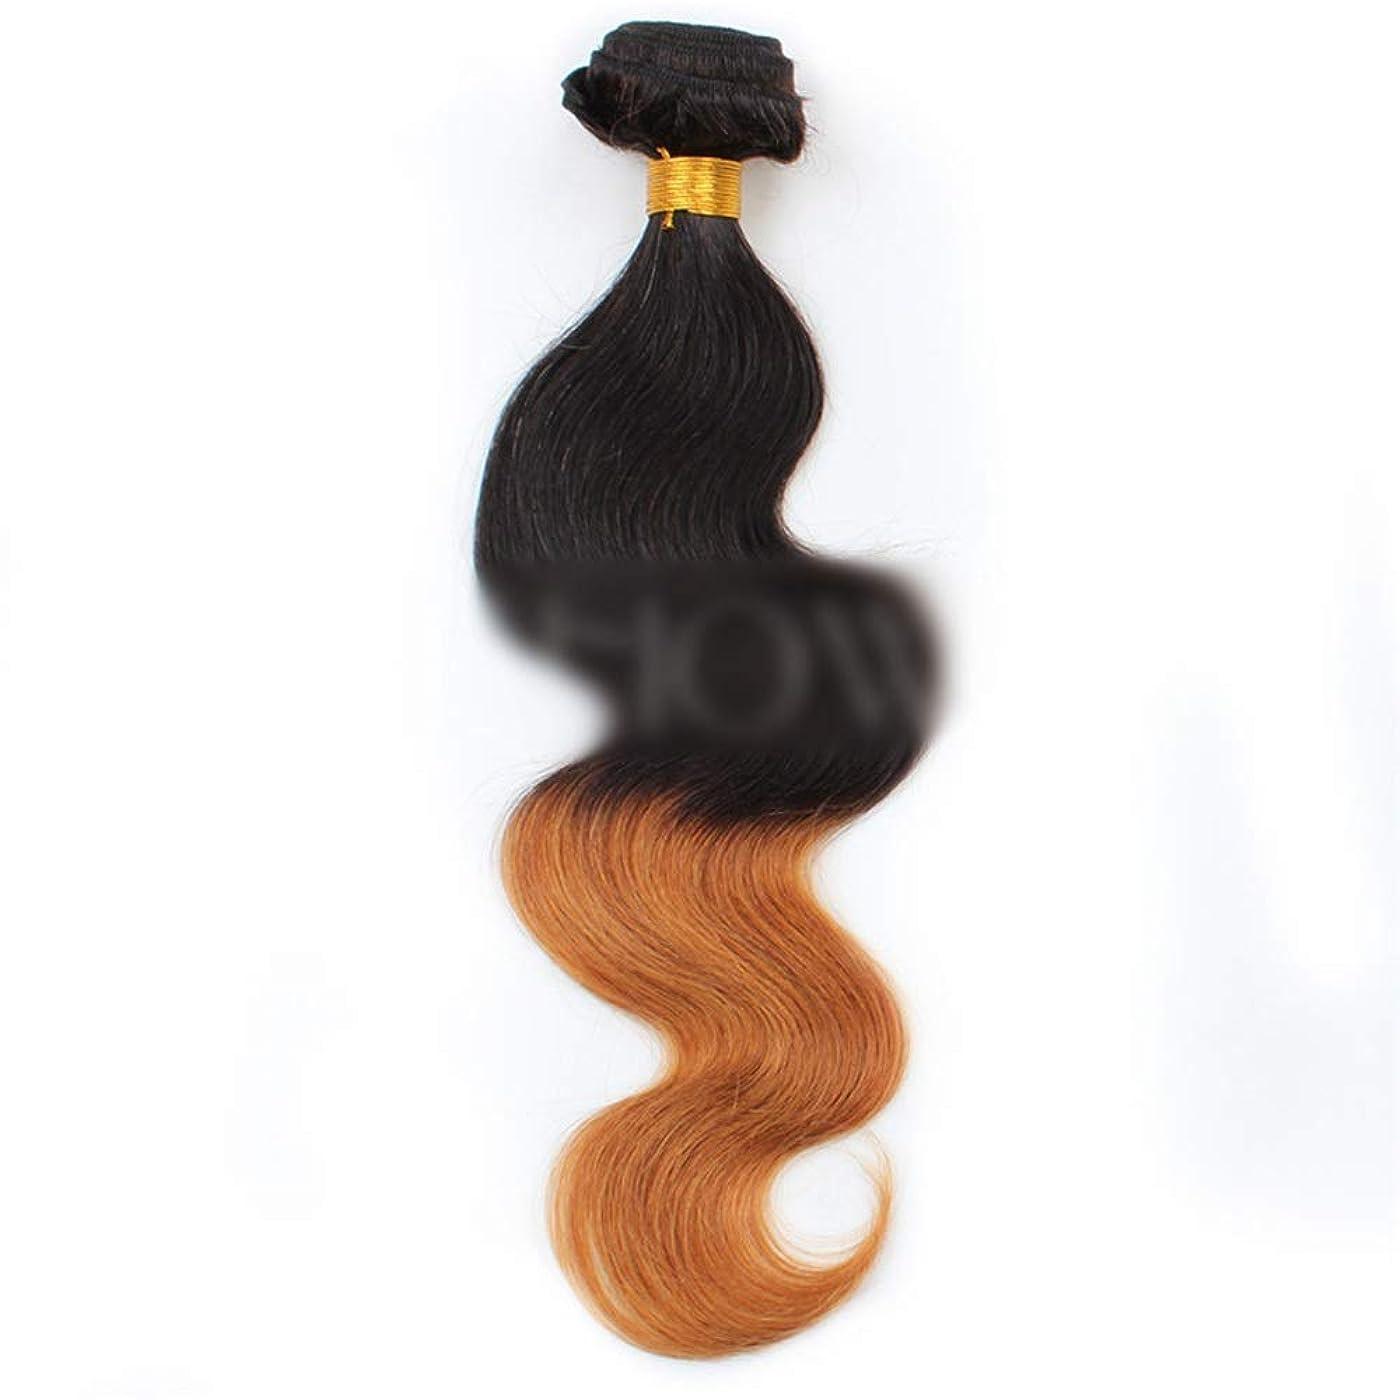 シュリンクモトリーオークションBOBIDYEE ブラジルの人間の髪の毛のボディ織り方ヘアエクステンション-1B / 30#黒から茶色へのグラデーショングラデーションカラー髪の織り方1バンドル、100g合成髪レースかつらロールプレイングかつら長くて短い女性自然 (色 : ブラウン, サイズ : 12 inch)